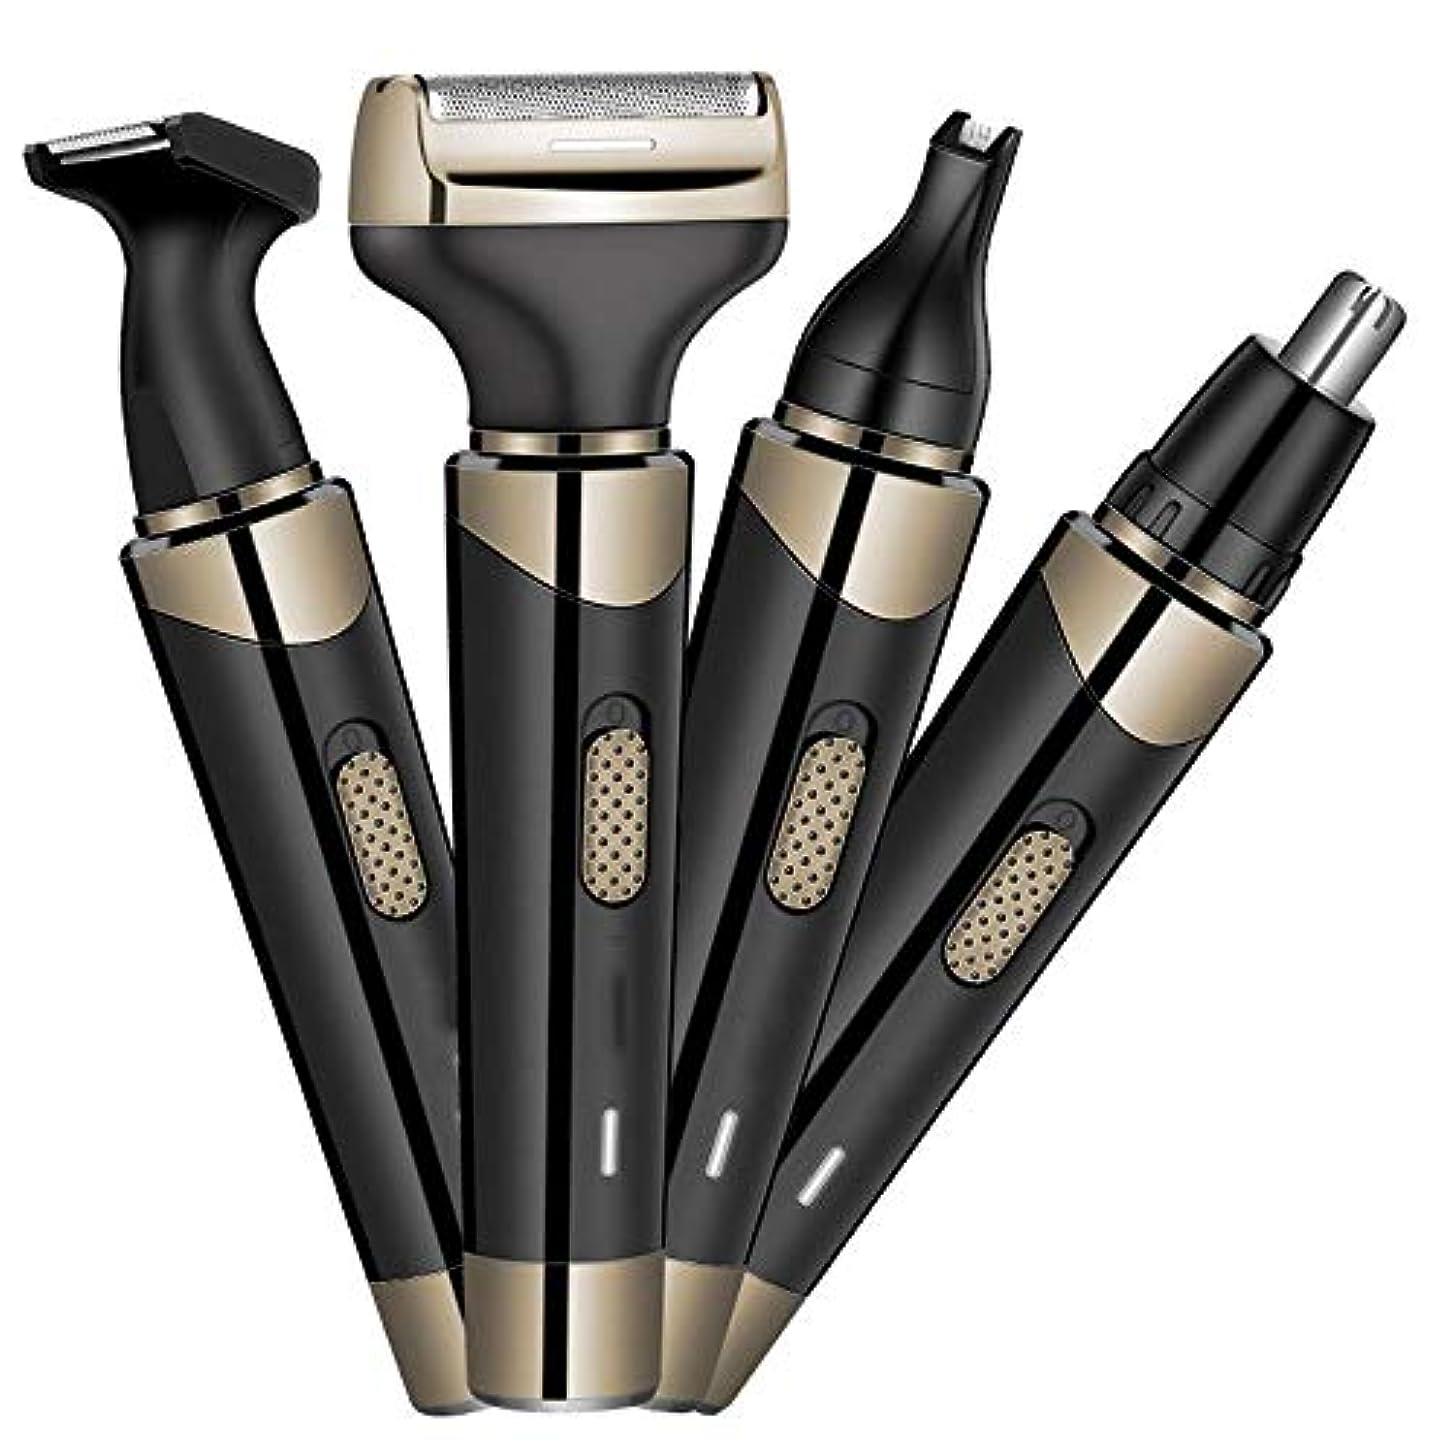 修復圧縮するマーベル多機能レイザーUsbのフォーインワンスーツメンズビアード鼻毛トリマー (Color : Black, Size : USB)